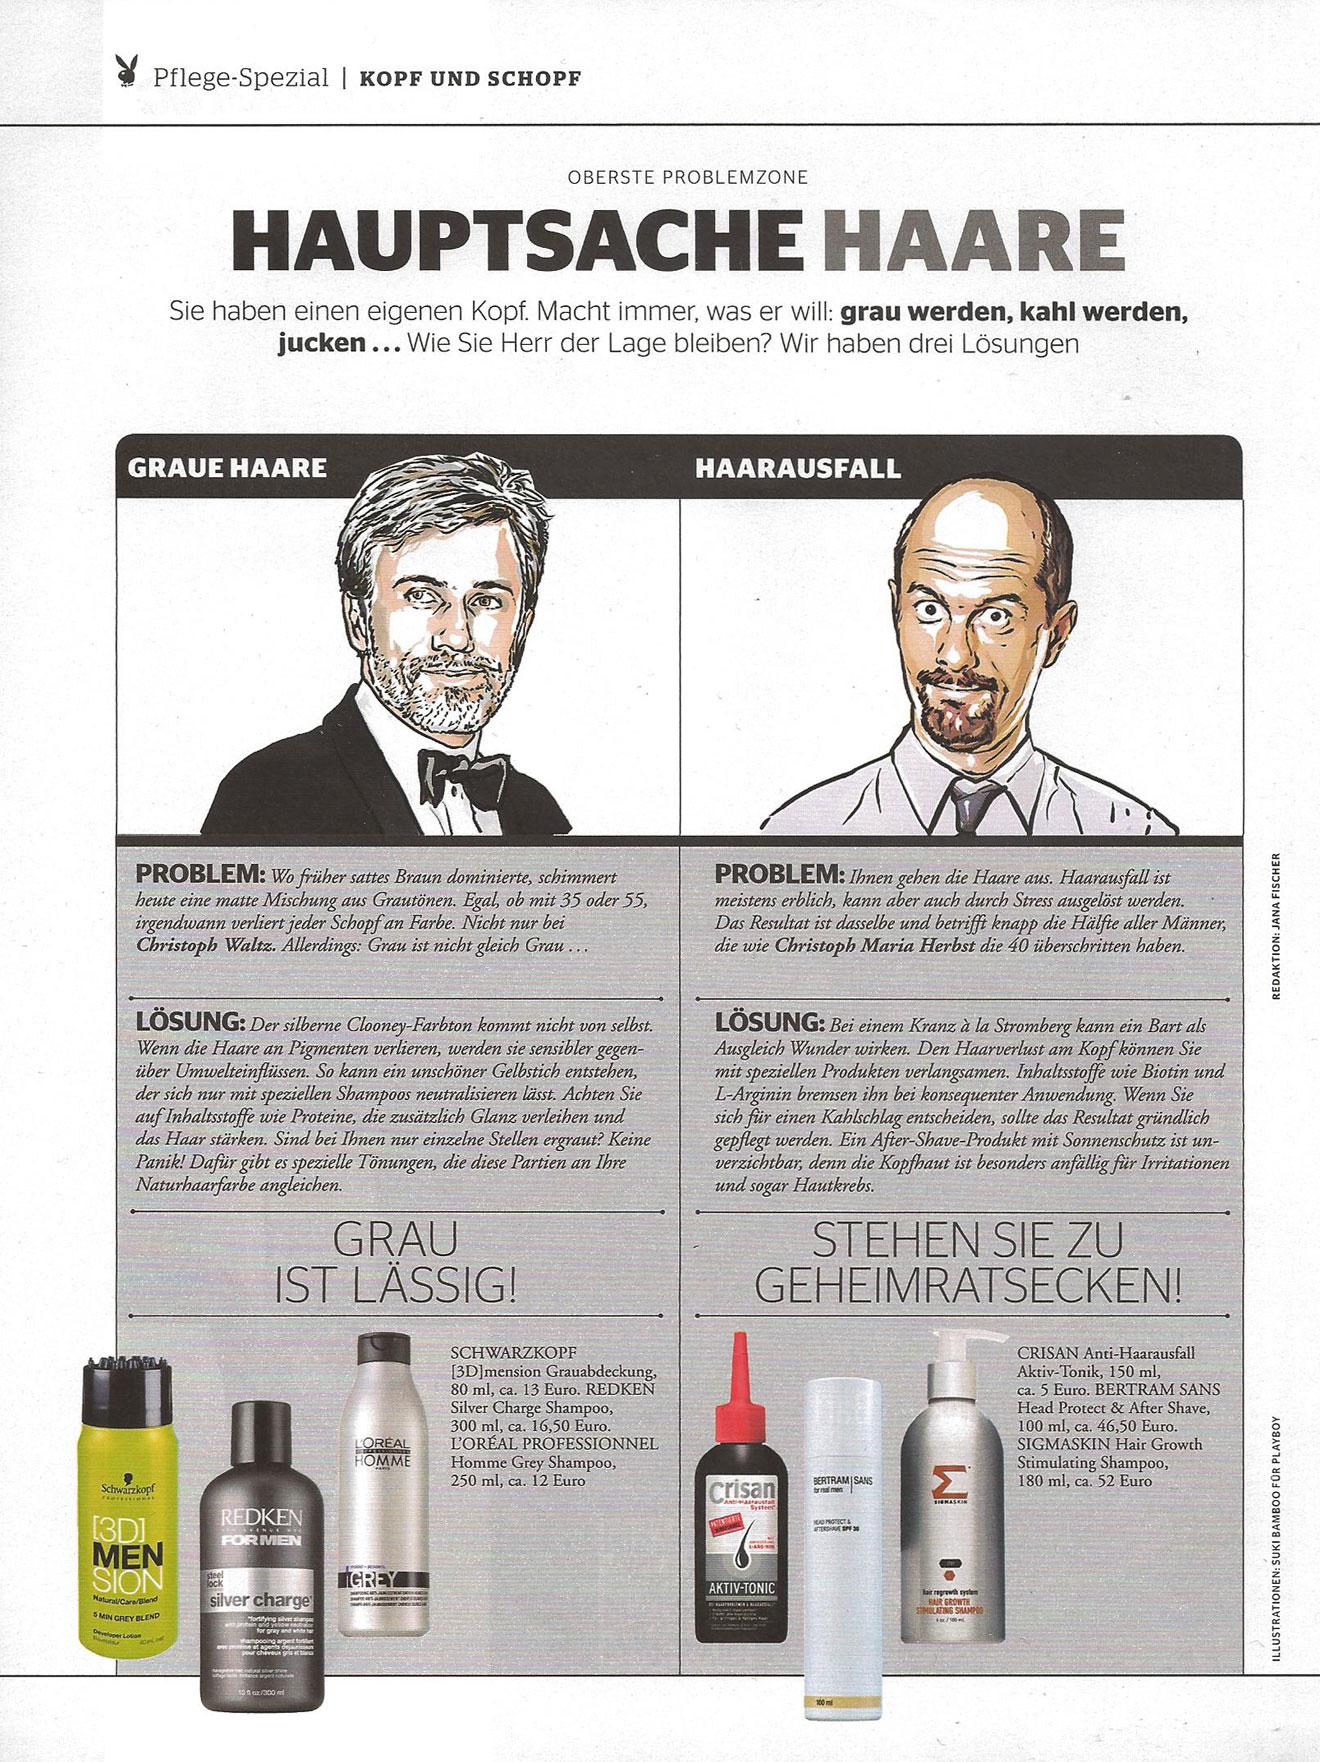 Sigma Skin Shampoo und Bertram Sans Feuchtigkeitspflege